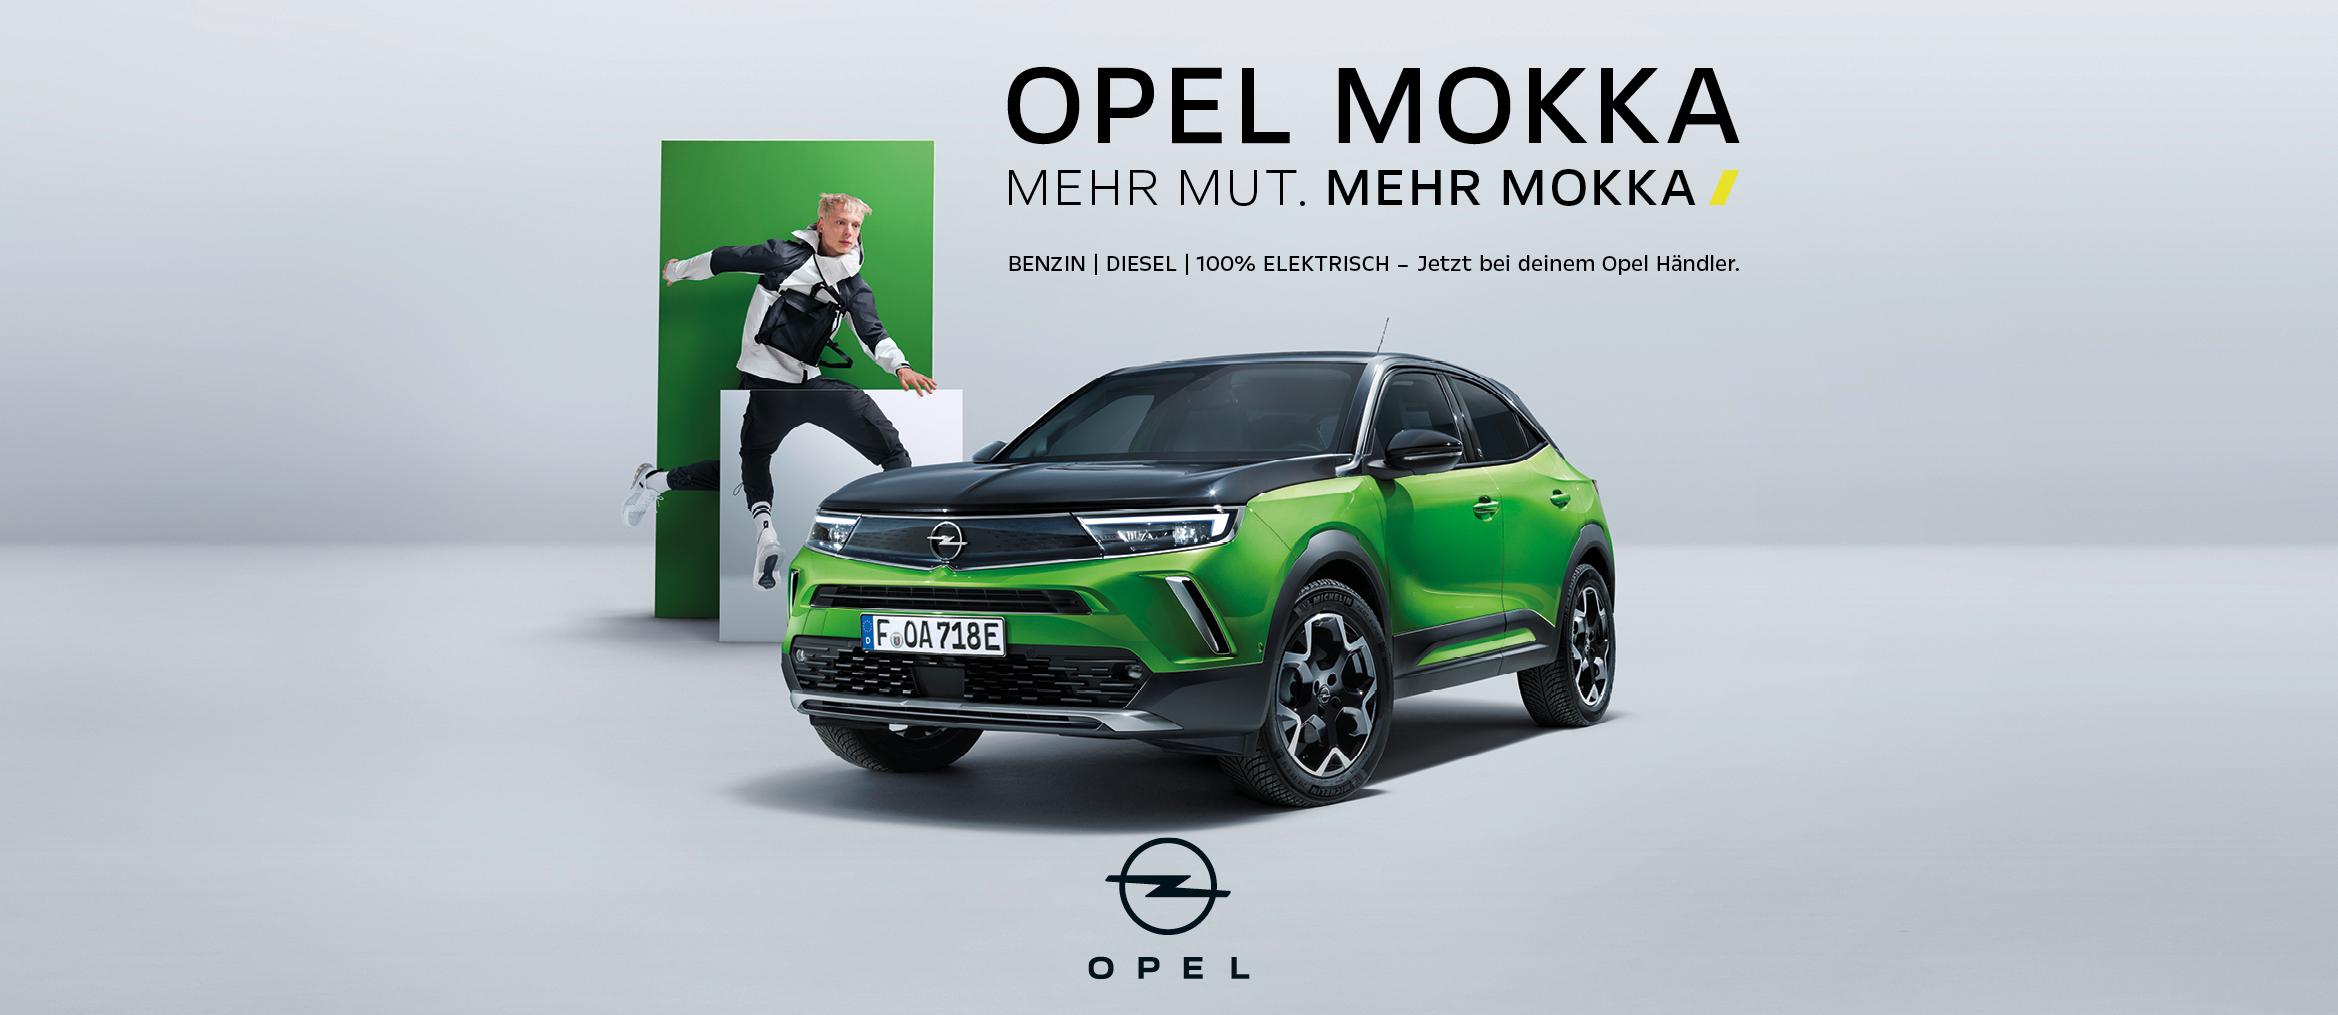 Opel Mokka - mehr Mut.